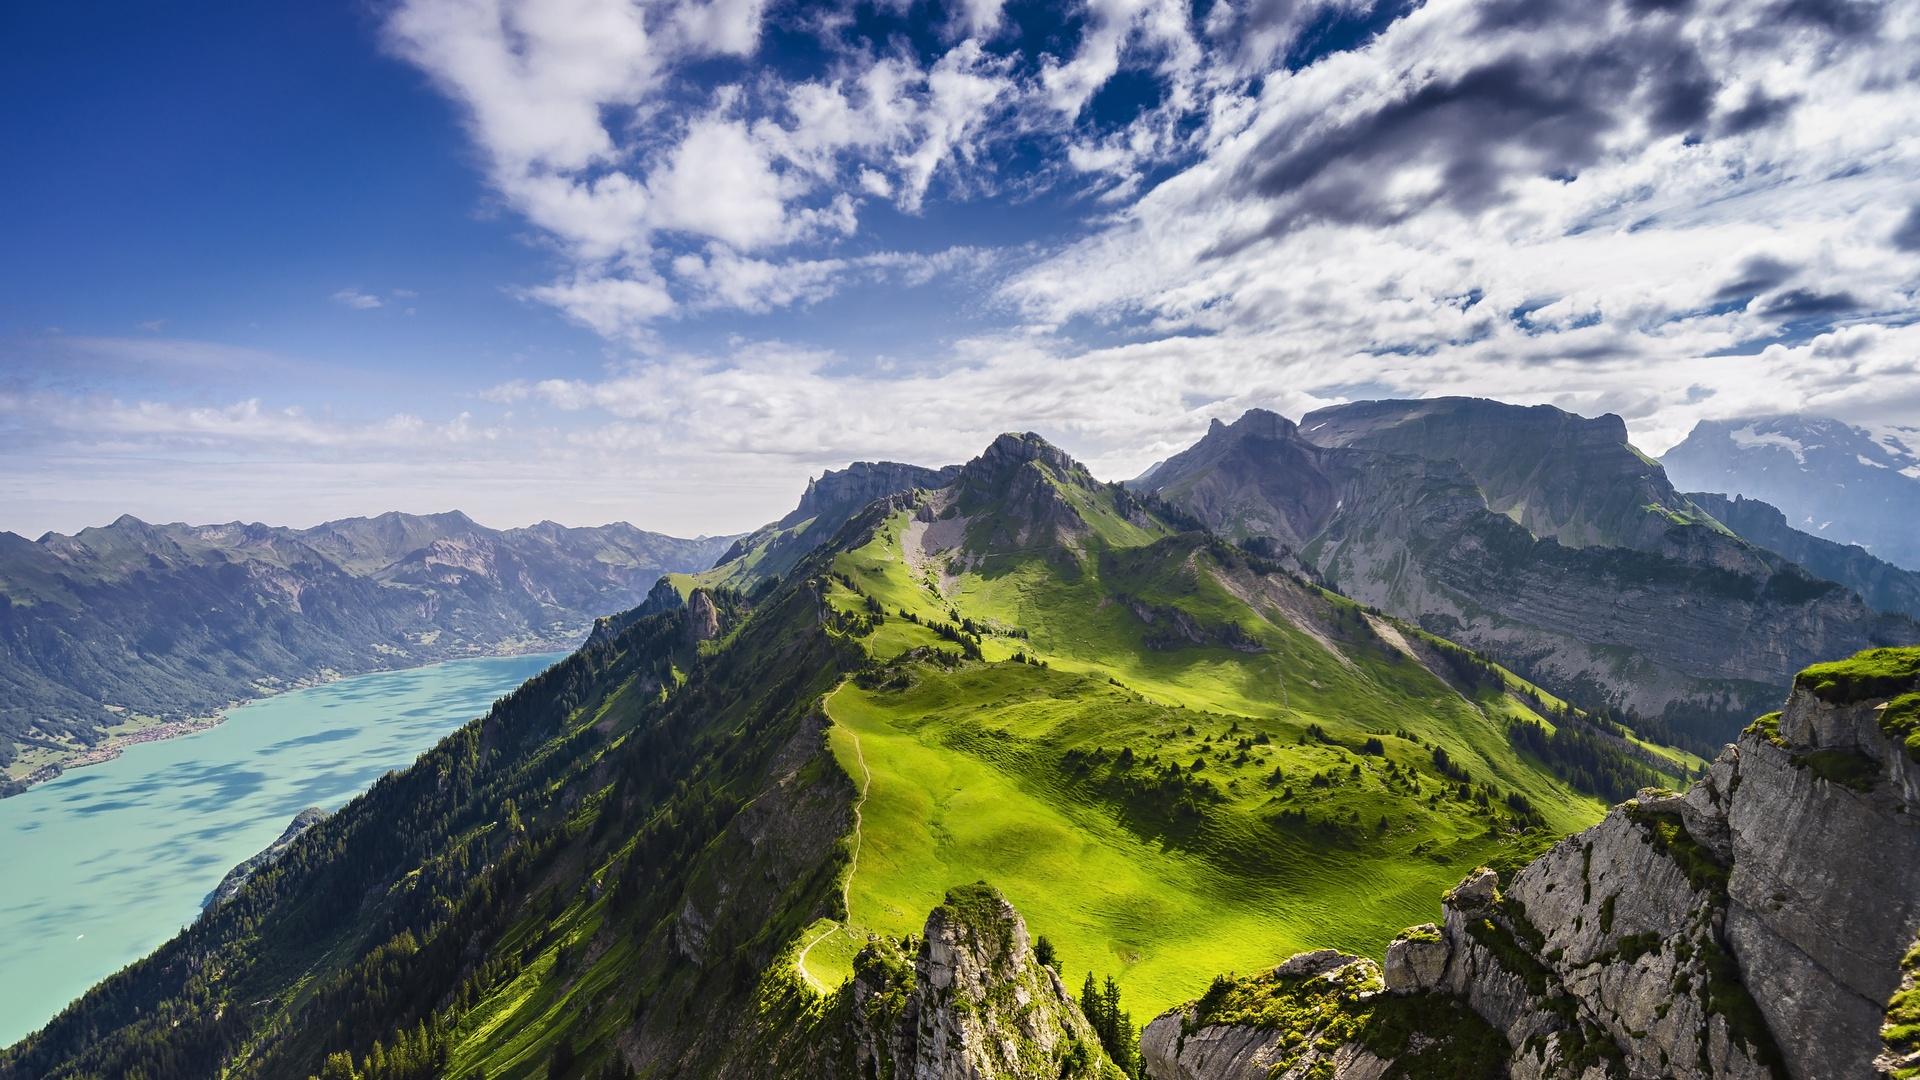 Schynige Platte to Grindelwald First